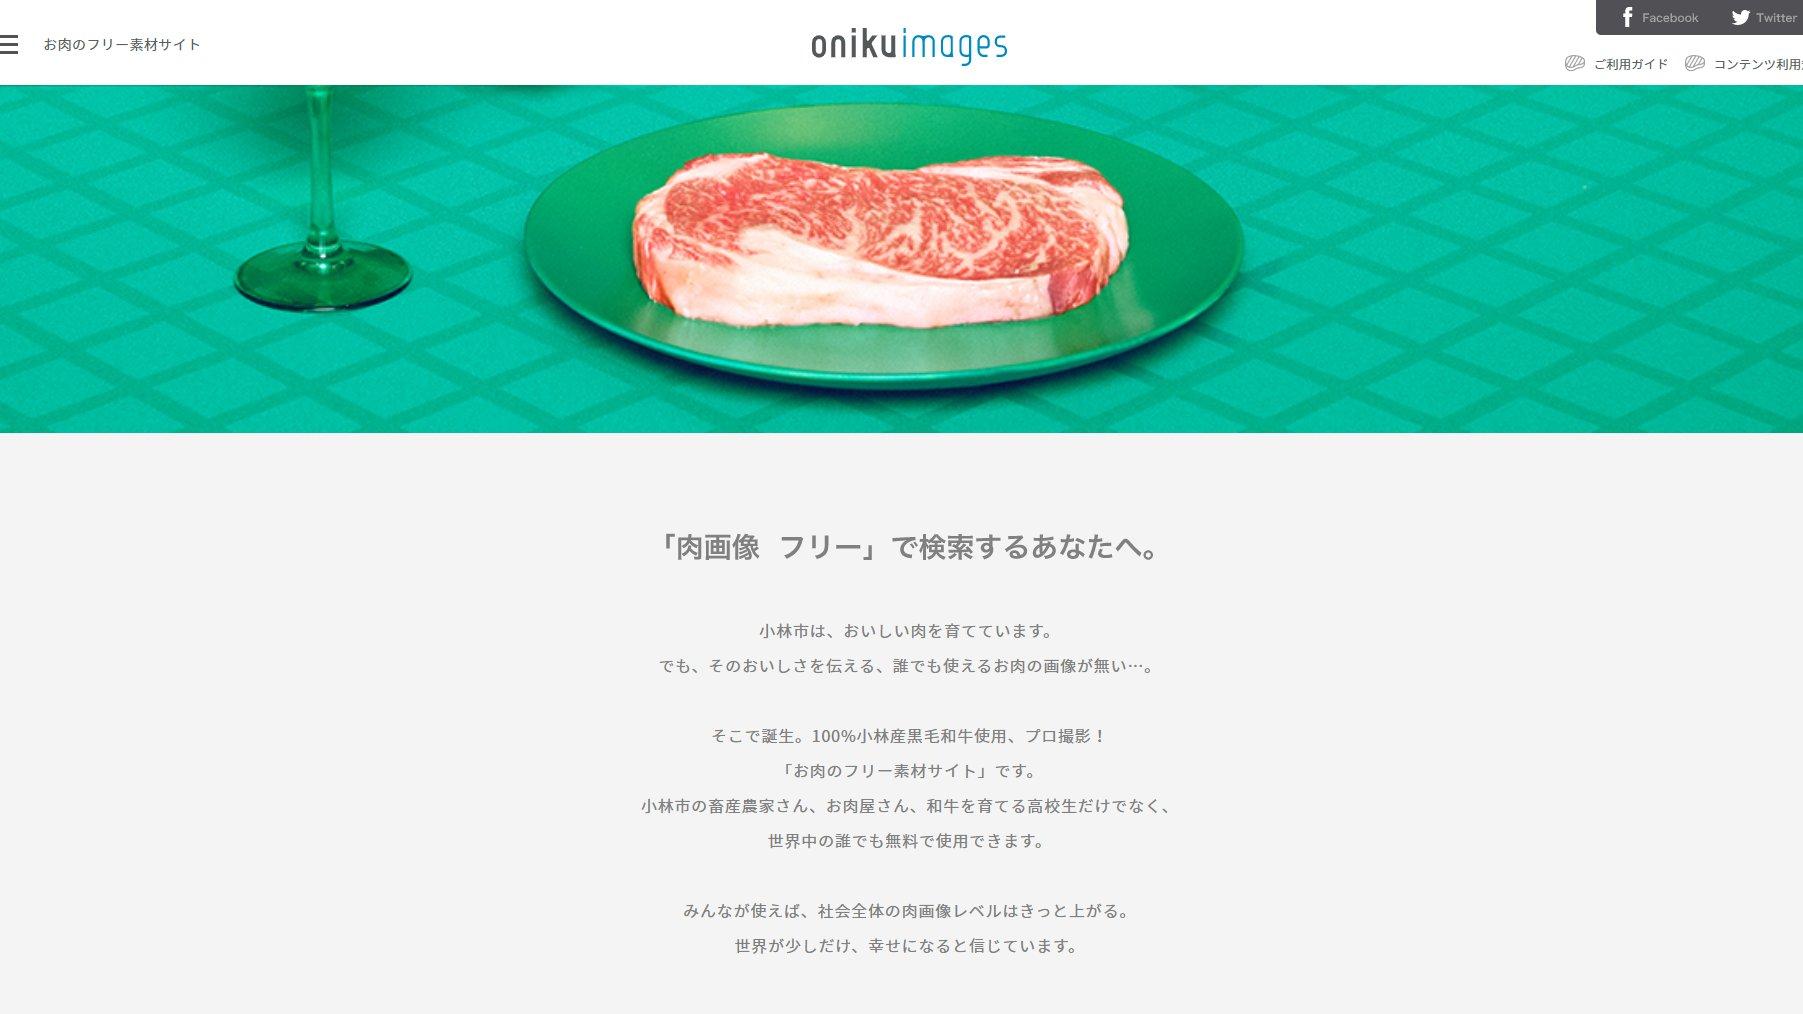 気は狂ってるけど何気にメチャクチャ助かるなこれ oniku images!宮崎県小林市から!小林産黒毛和牛100%の豪華すぎる「お肉のフリー素材サイト」 #onikuimages #小林市